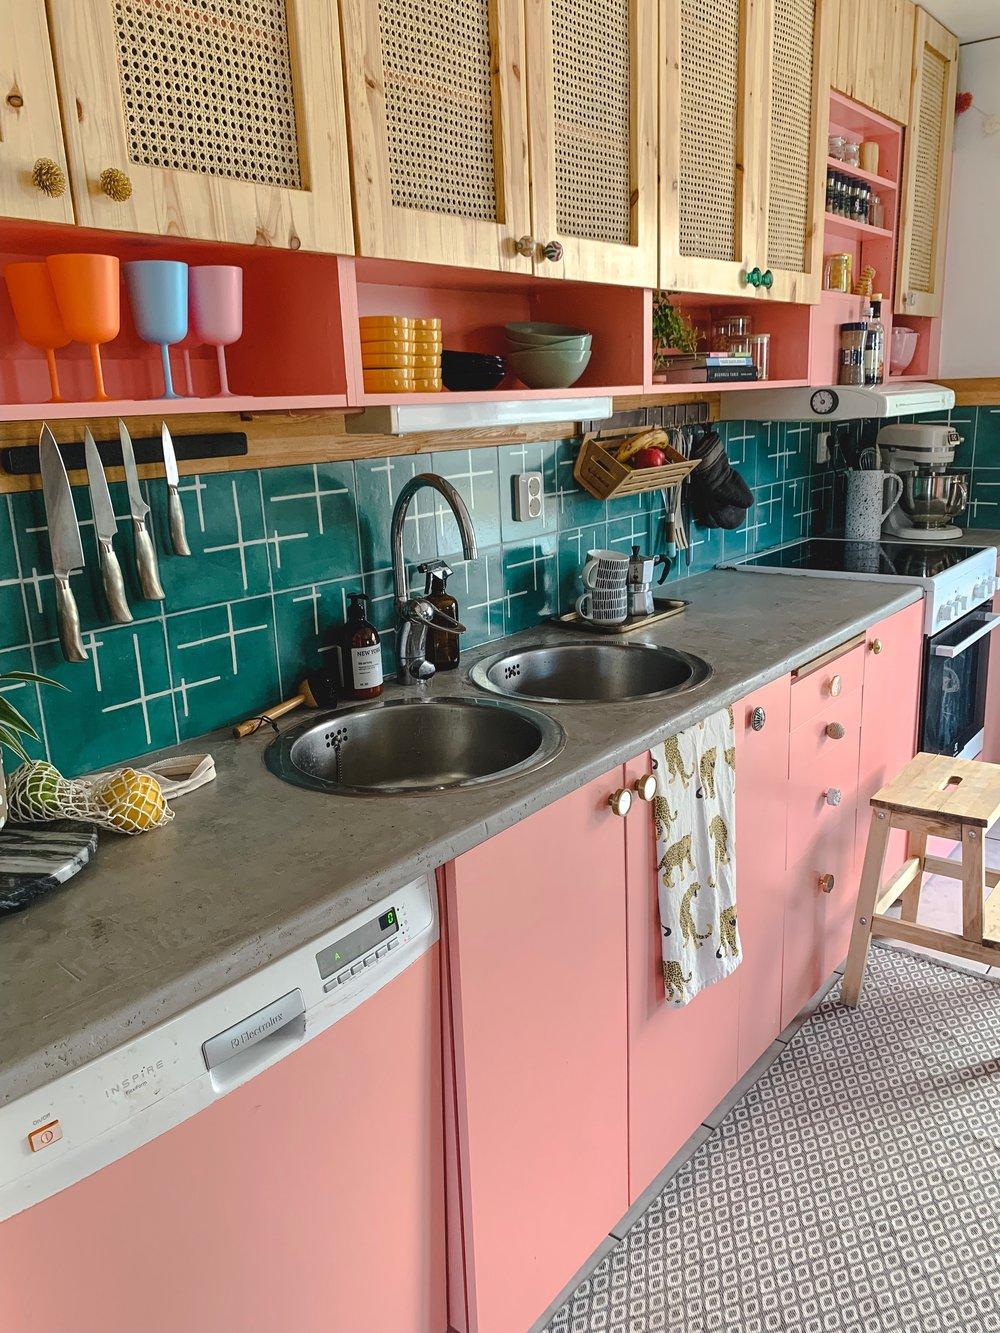 Tiled backsplash with tiles from Popham Design via Marrakech Designs